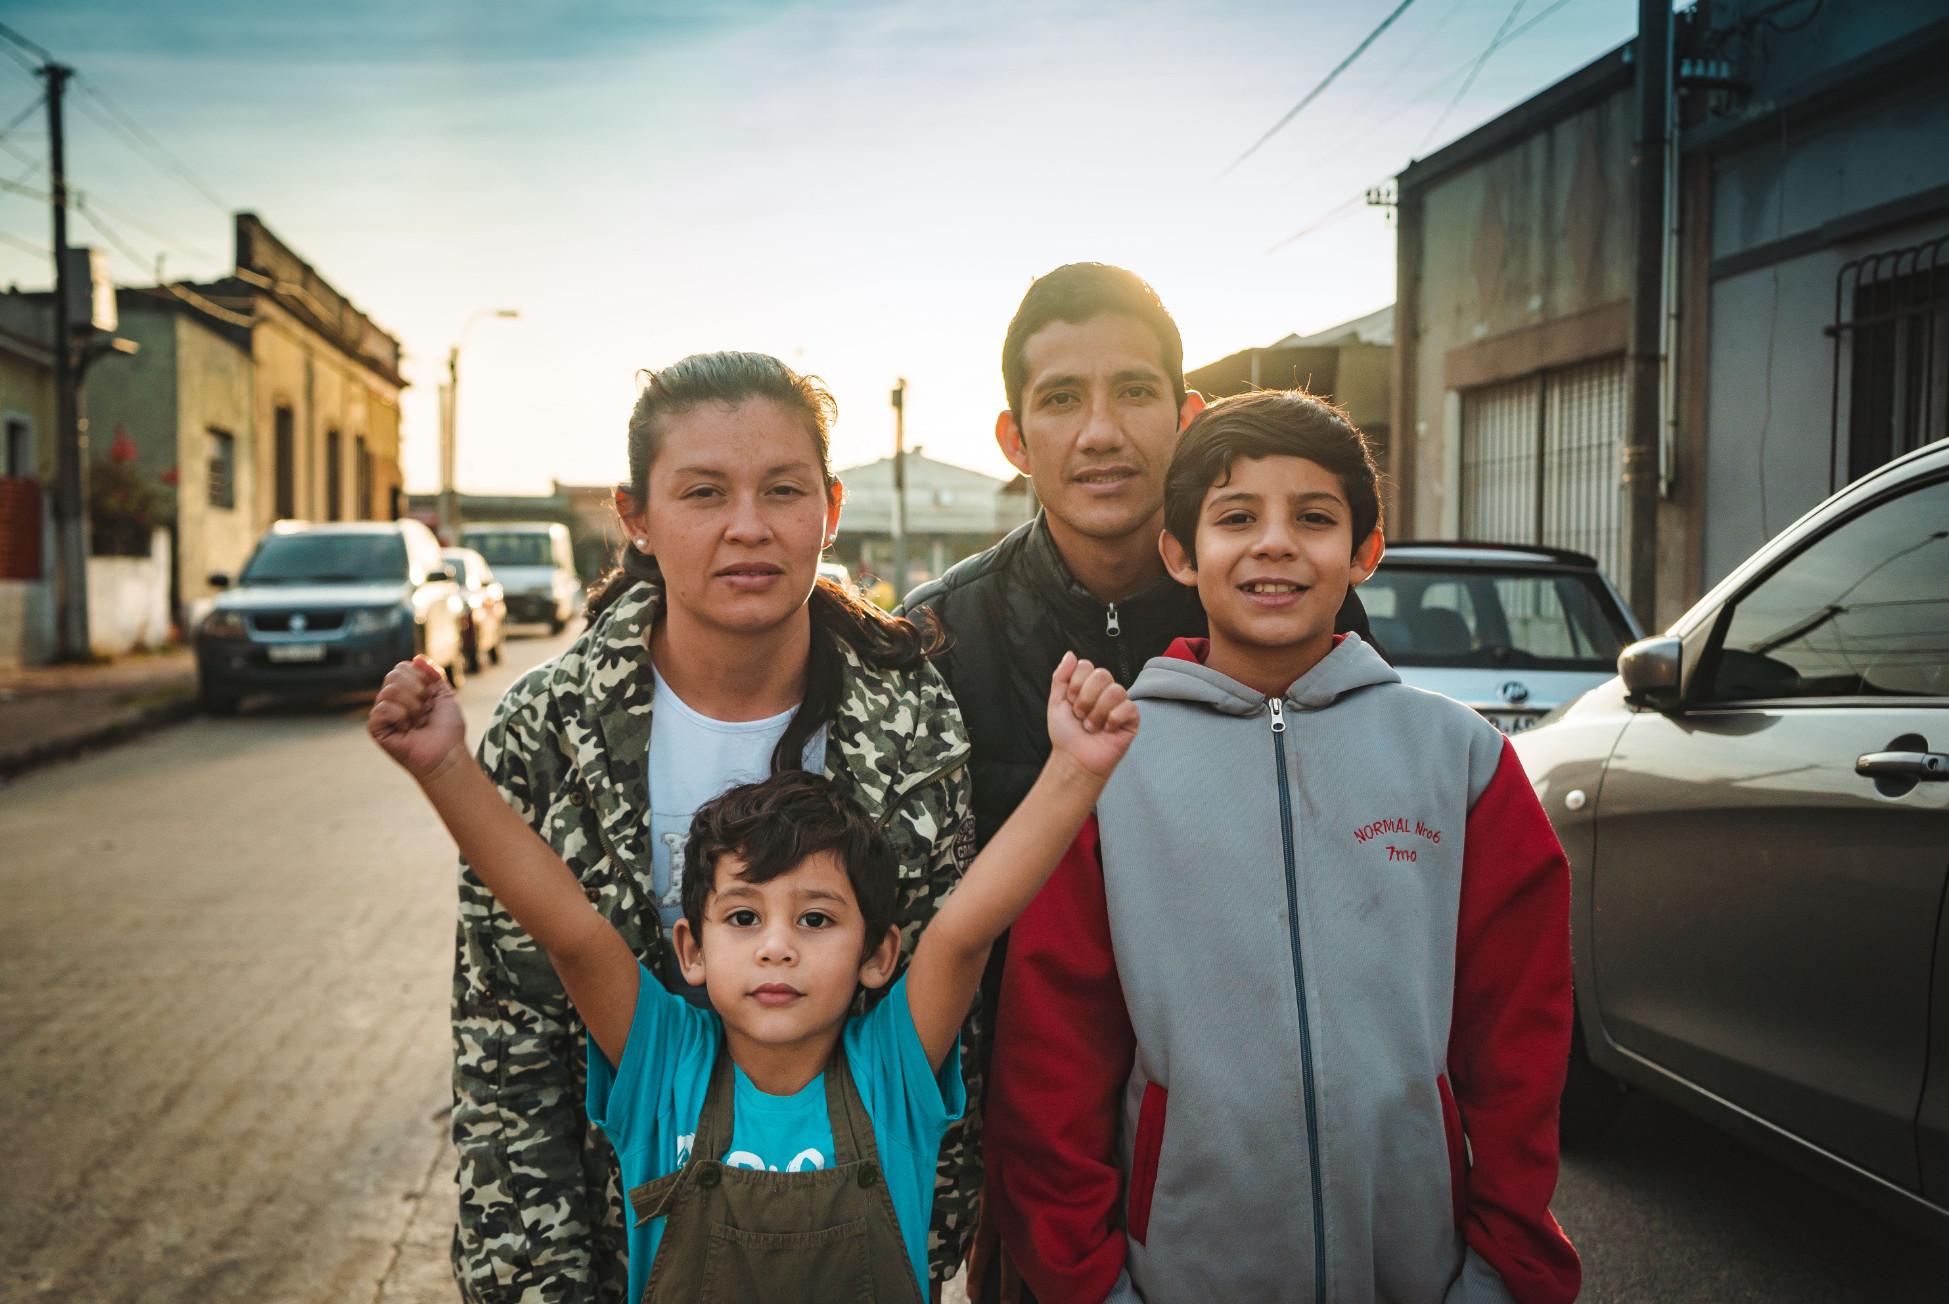 José Fernando Molina e sua família, felizes, em Montevidéu, Uruguai. Na foto, falta a filha caçula, que estava tirando uma soneca. (Foto: Sérgio Cassiano)